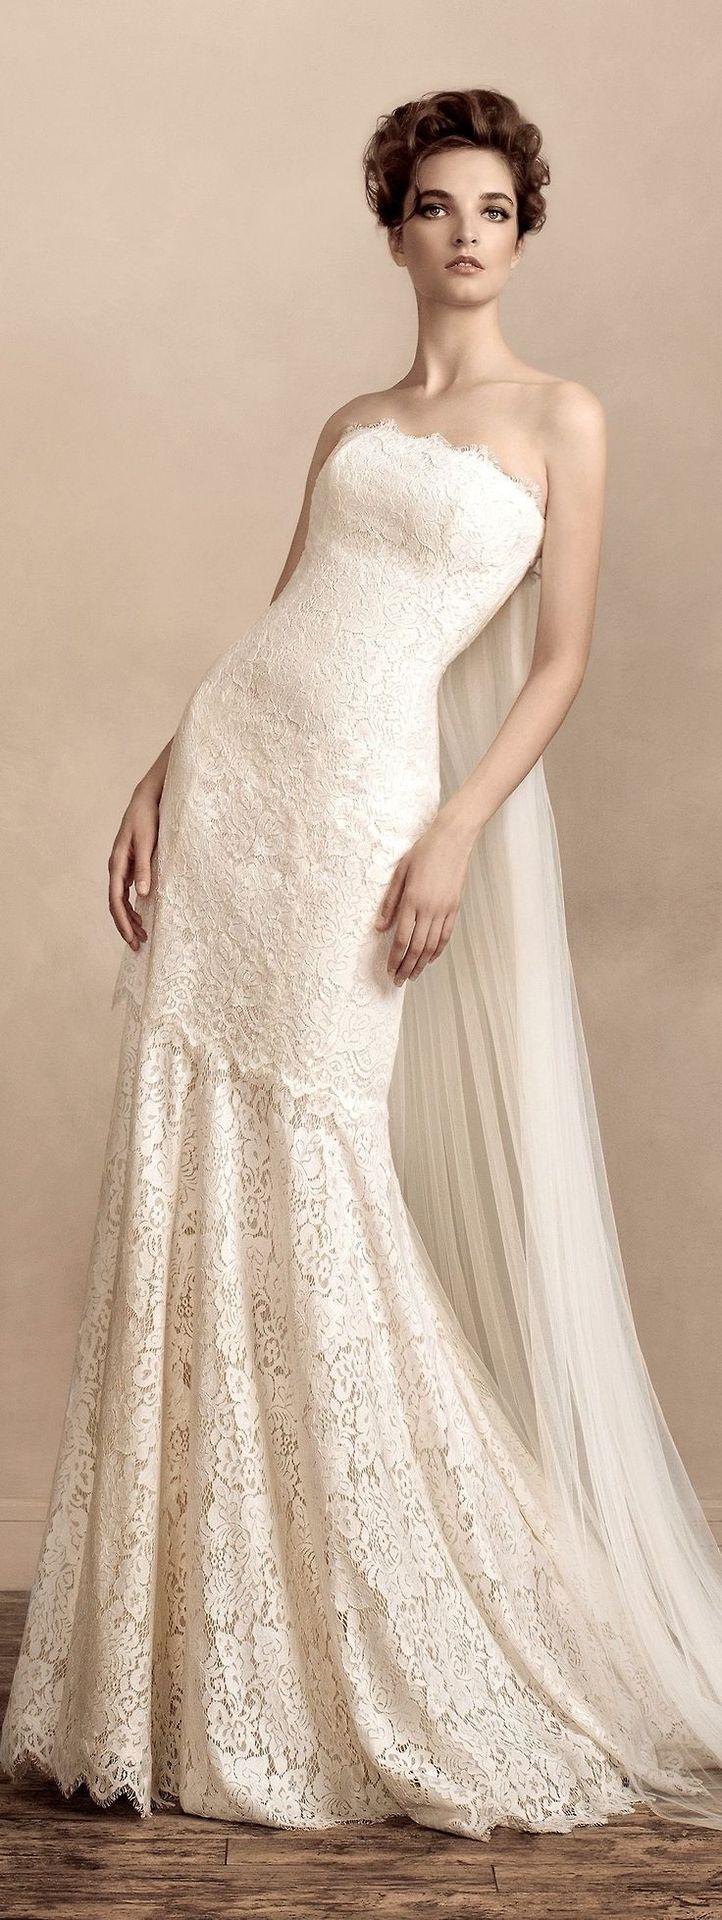 63 besten Wedding Dresses: Mermaid Style Bilder auf Pinterest | boho ...